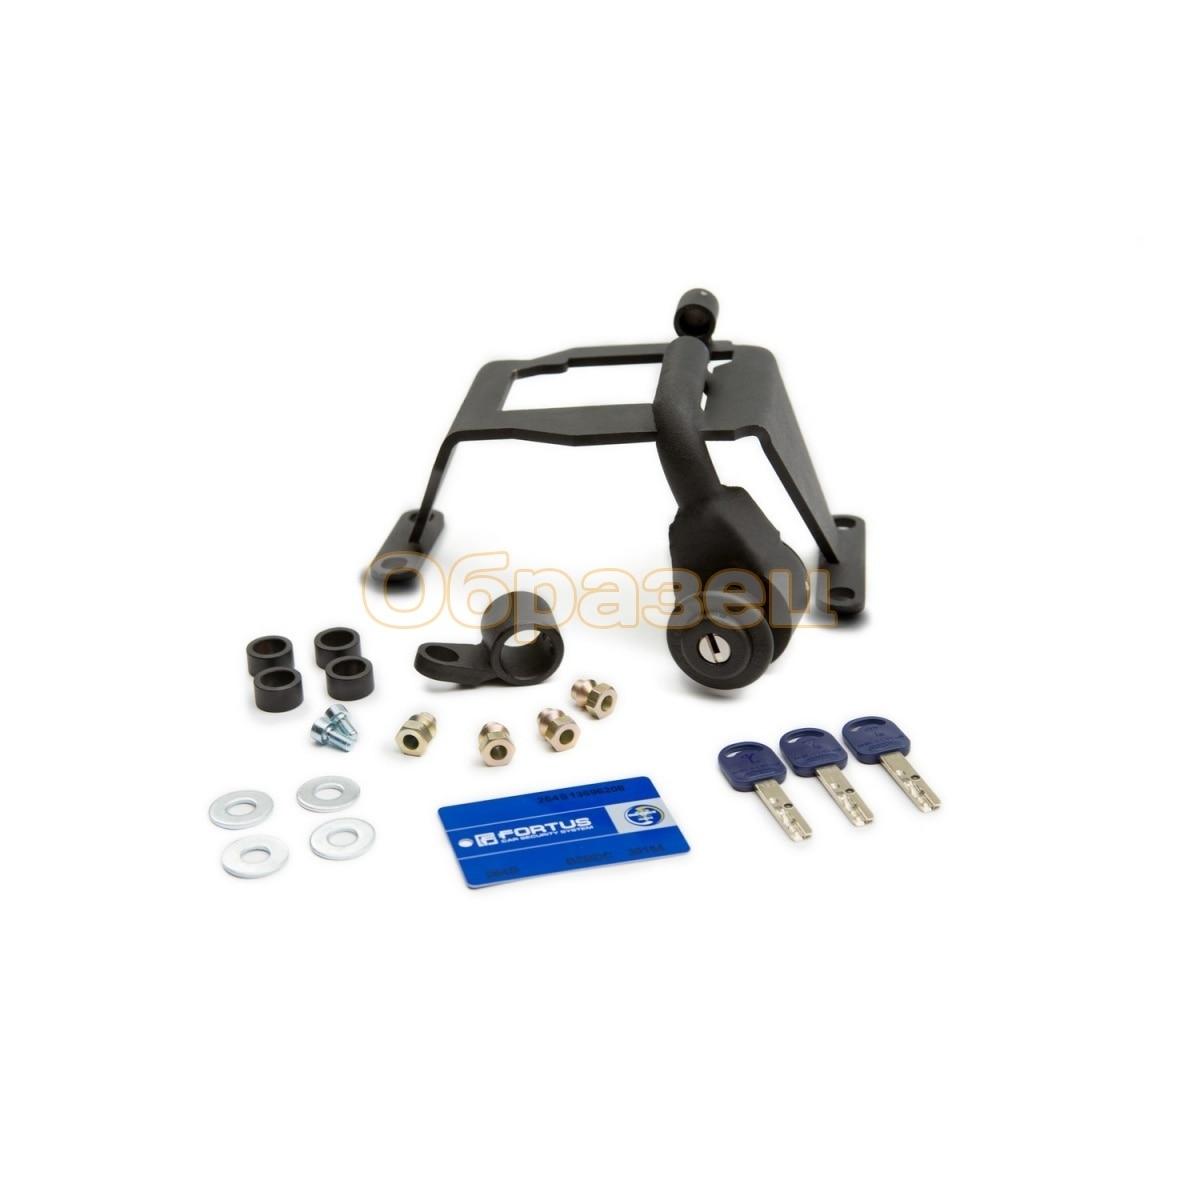 Gearbox Lock (MTL) 2079 INT For Nissan Juke 2010-, 5MT Nissan Beetle)